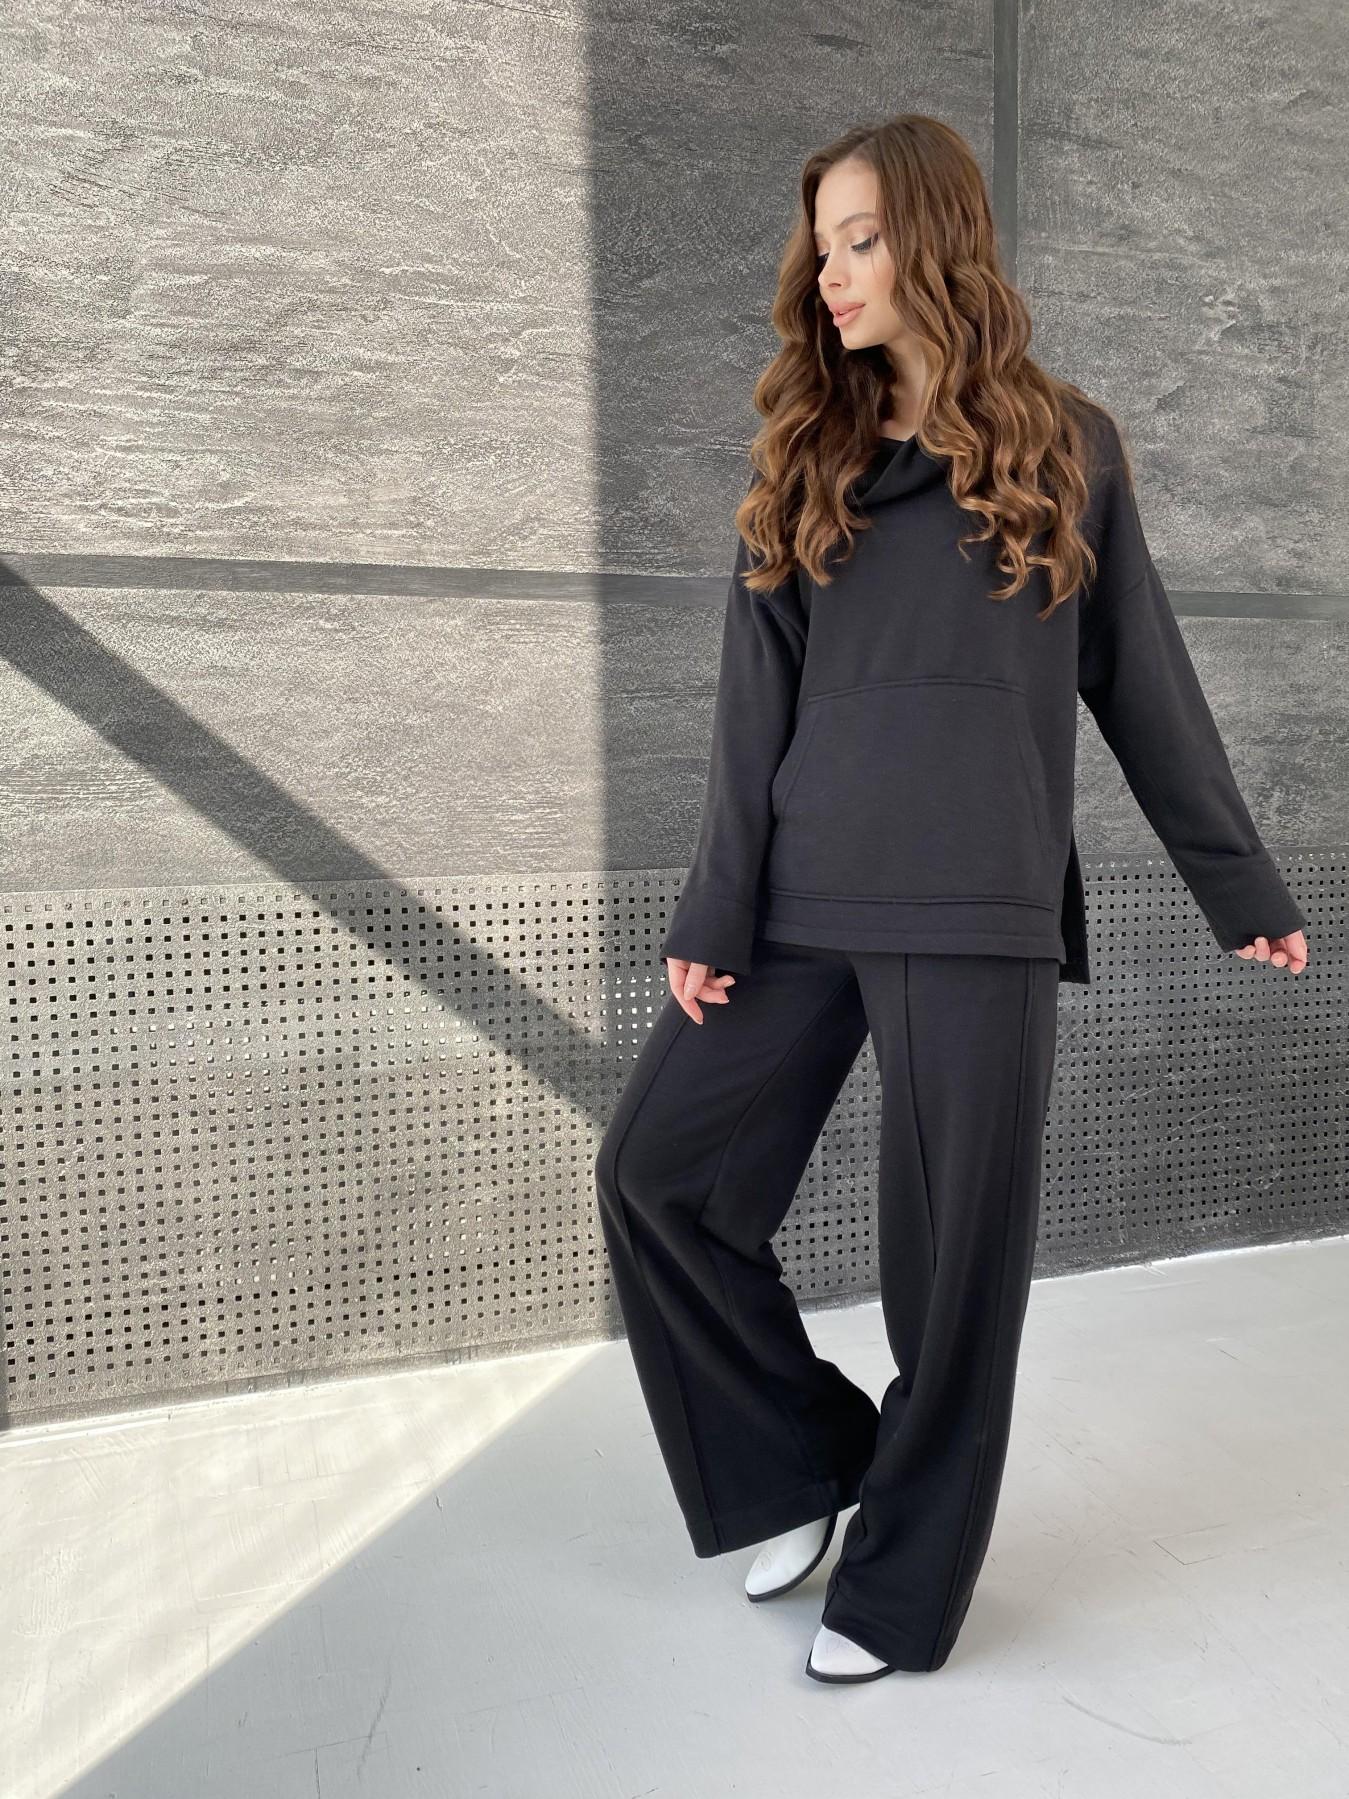 Кристиан костюм 3х нитка 10676 АРТ. 47247 Цвет: Черный - фото 8, интернет магазин tm-modus.ru